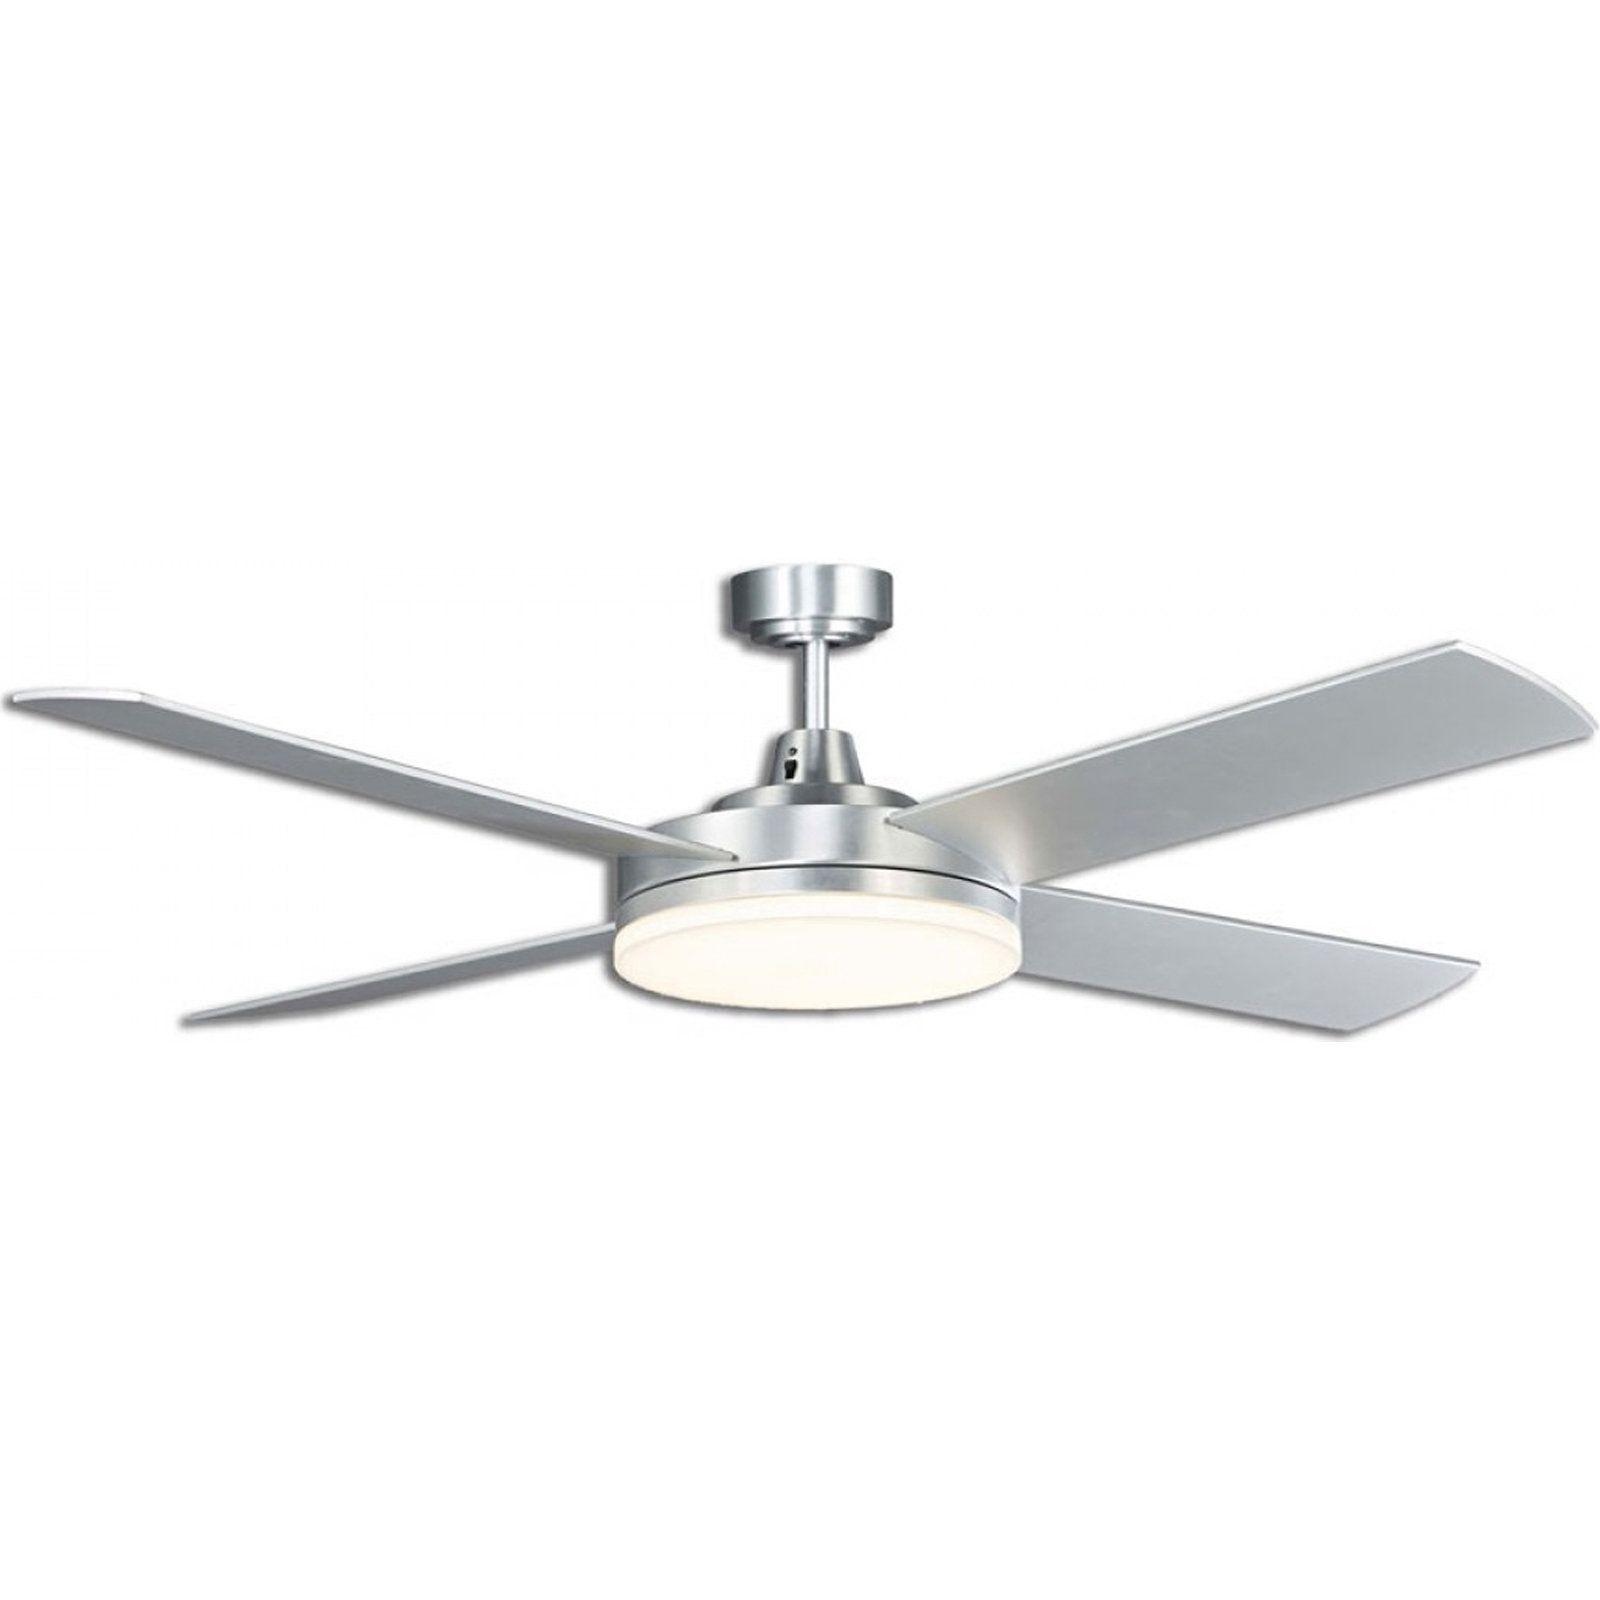 Dimmable Ceiling Fan Light Kit o